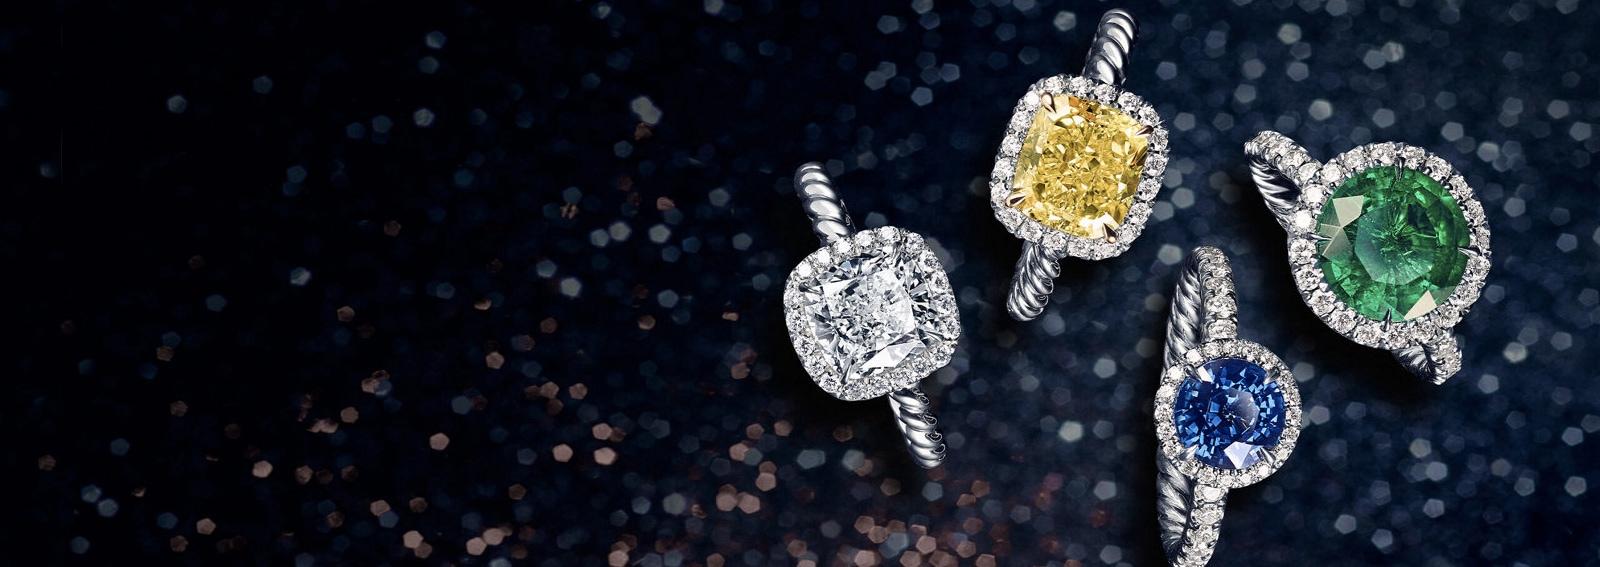 COVER-anelli-di-fidanzamento-natale-2019-DESKTOP